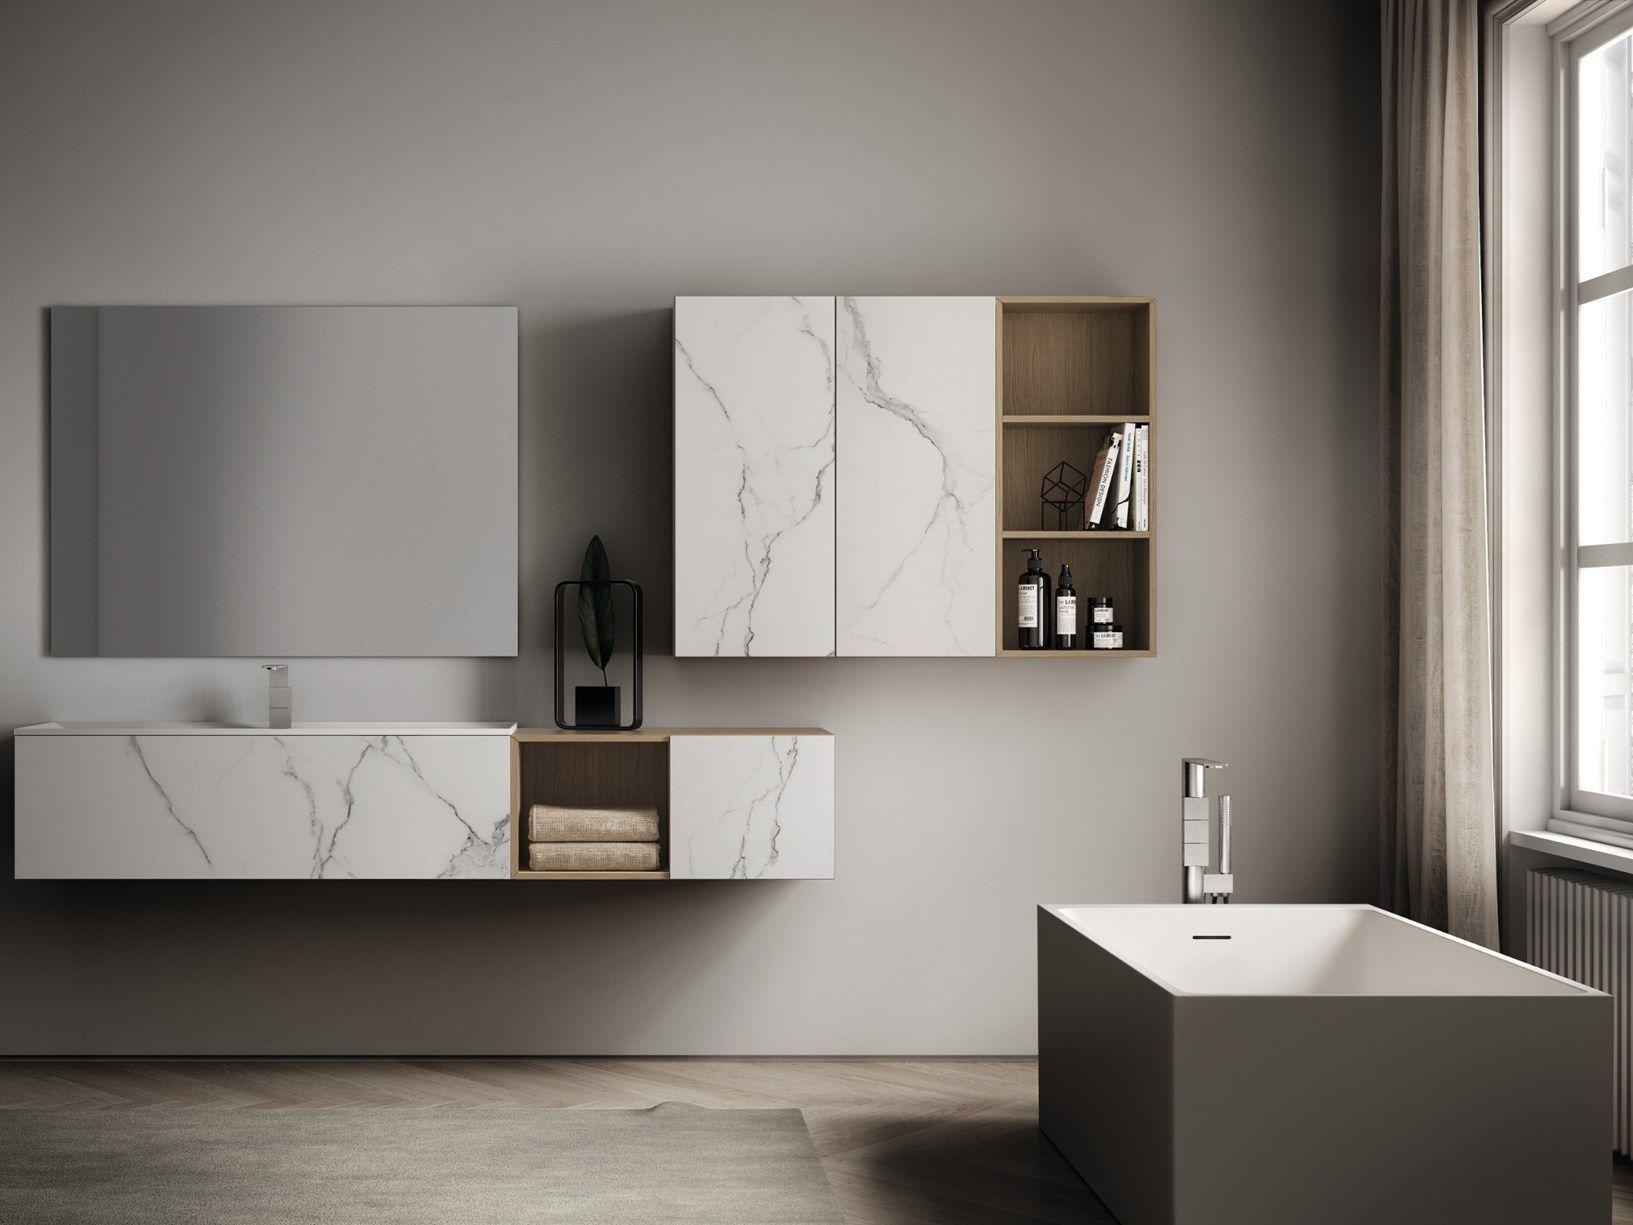 Bagno minimal d 39 ispirazione industriale for Mobile bagno minimal